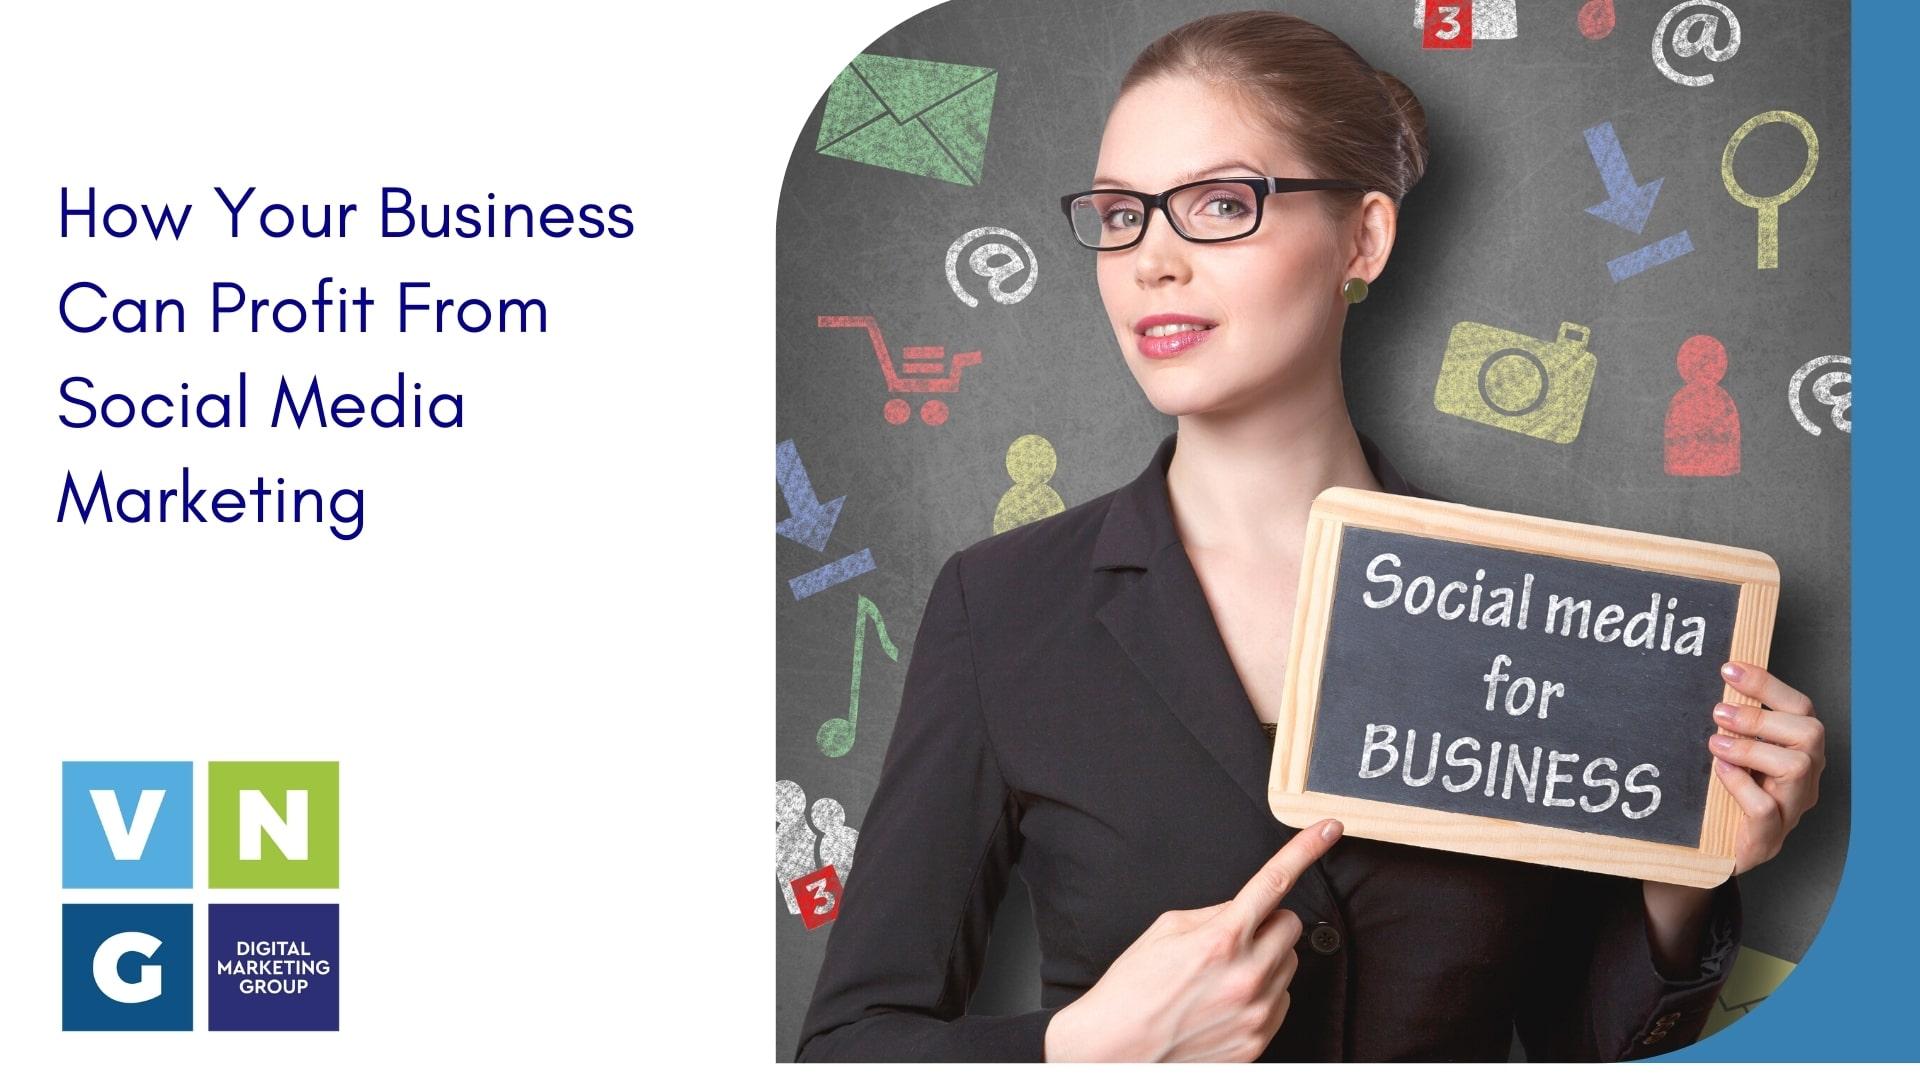 Αύξηση πωλήσεων μέσω του Social Media Marketing